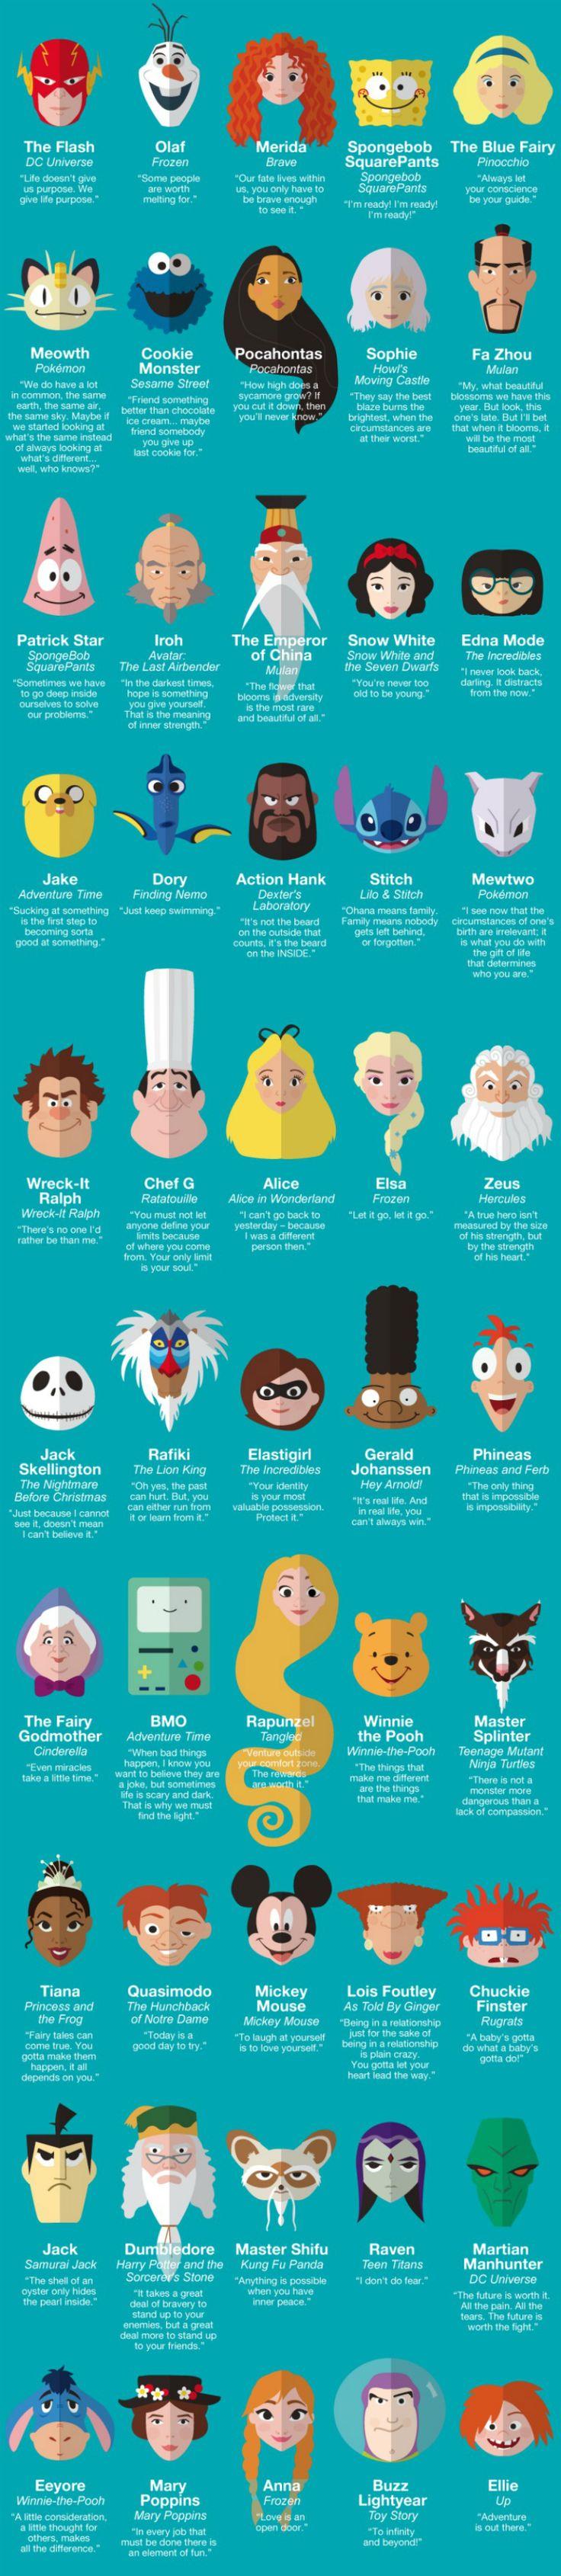 50 frases míticas de personajes de dibujos animados de toda la vida - Social Underground